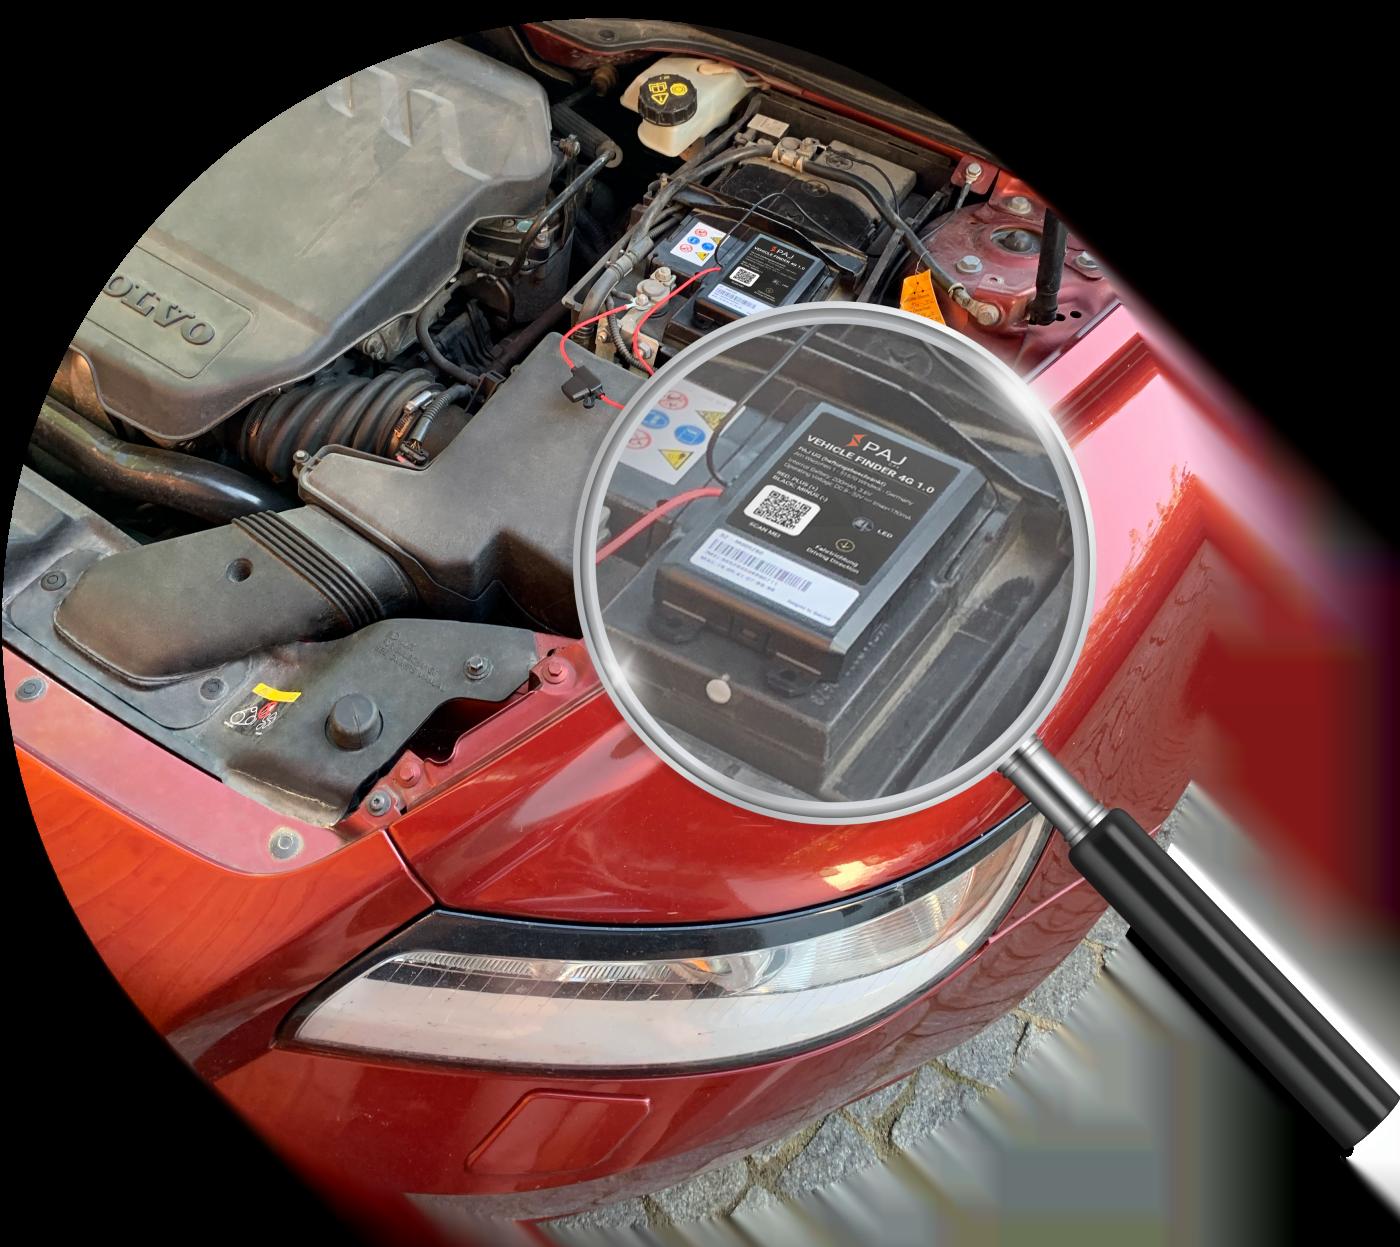 Anleitung Einbau Vehicle 1.0 schritt 2 1400x1247 - LP Einbau Vehicle Finder 1.0